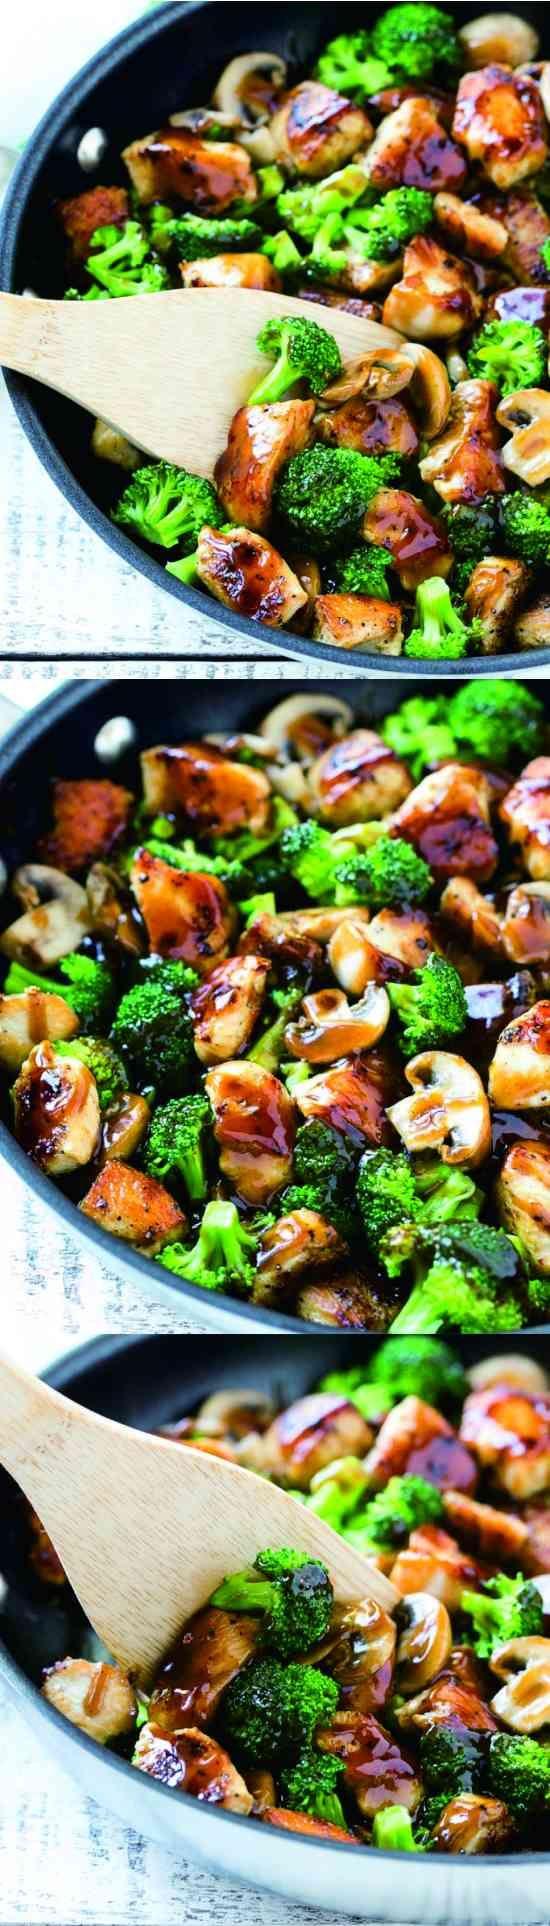 Best 25 Broccoli Stir Fry Ideas On Pinterest  Chicken -4440